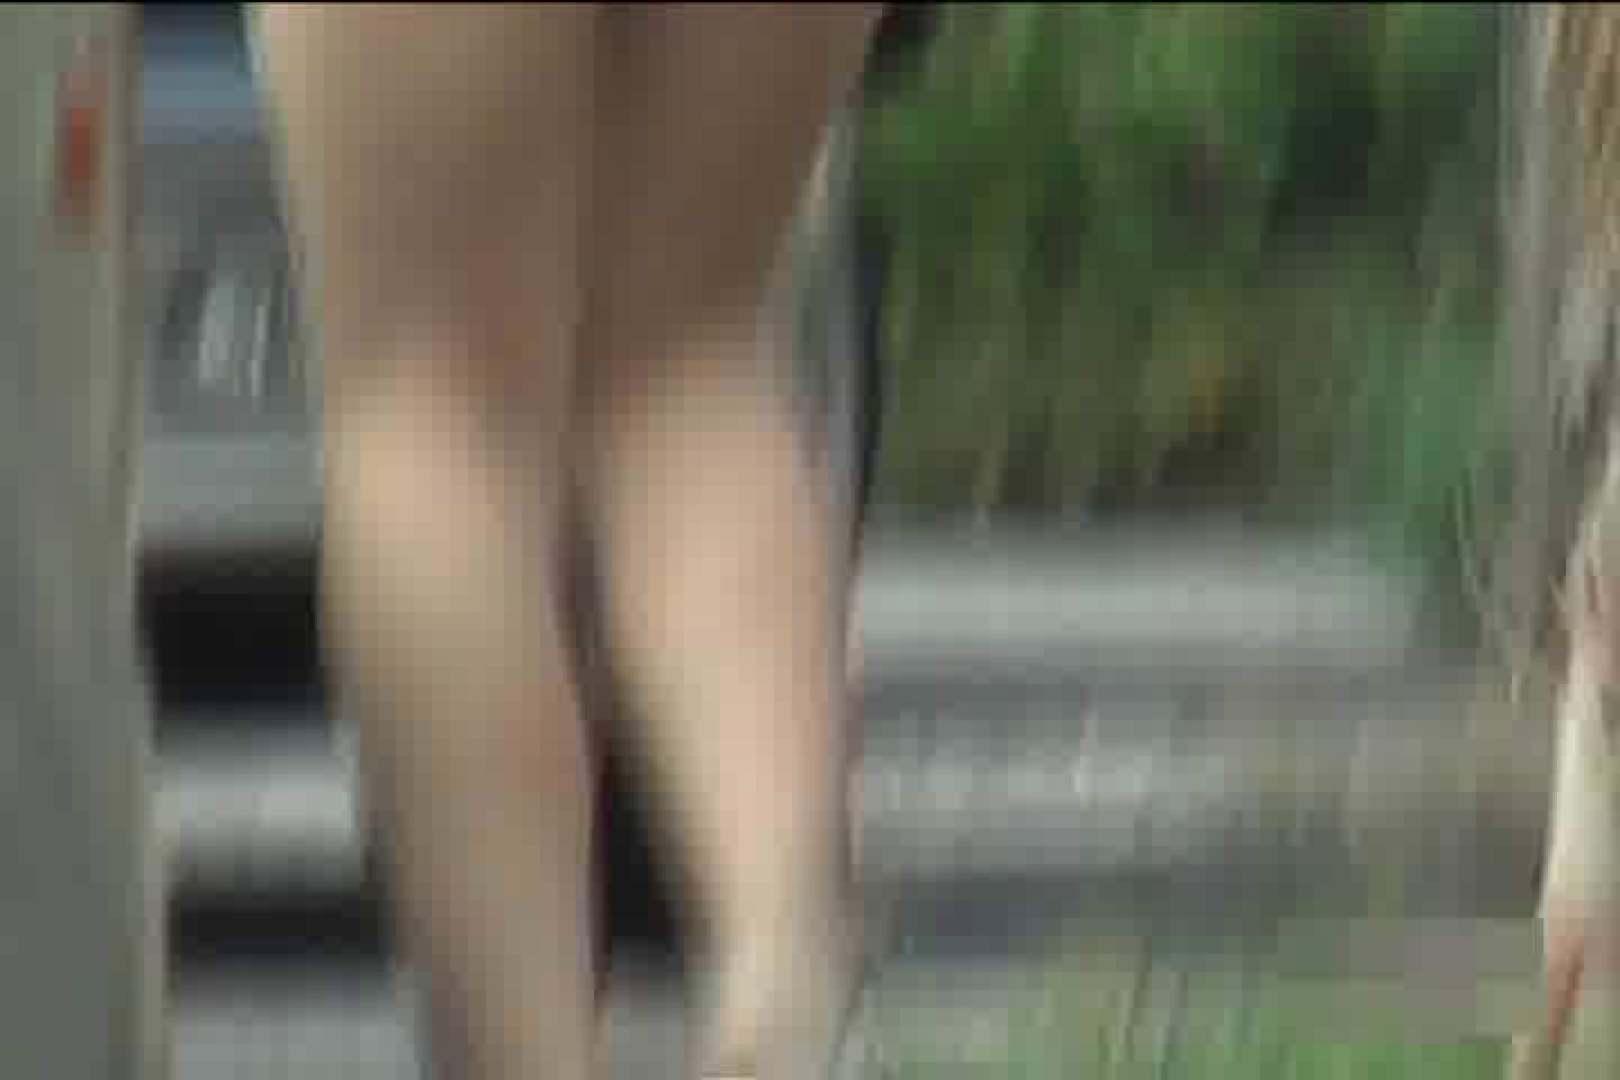 検証!隠し撮りスカートめくり!!Vol.4 ギャル | OLヌード天国  68PIX 19